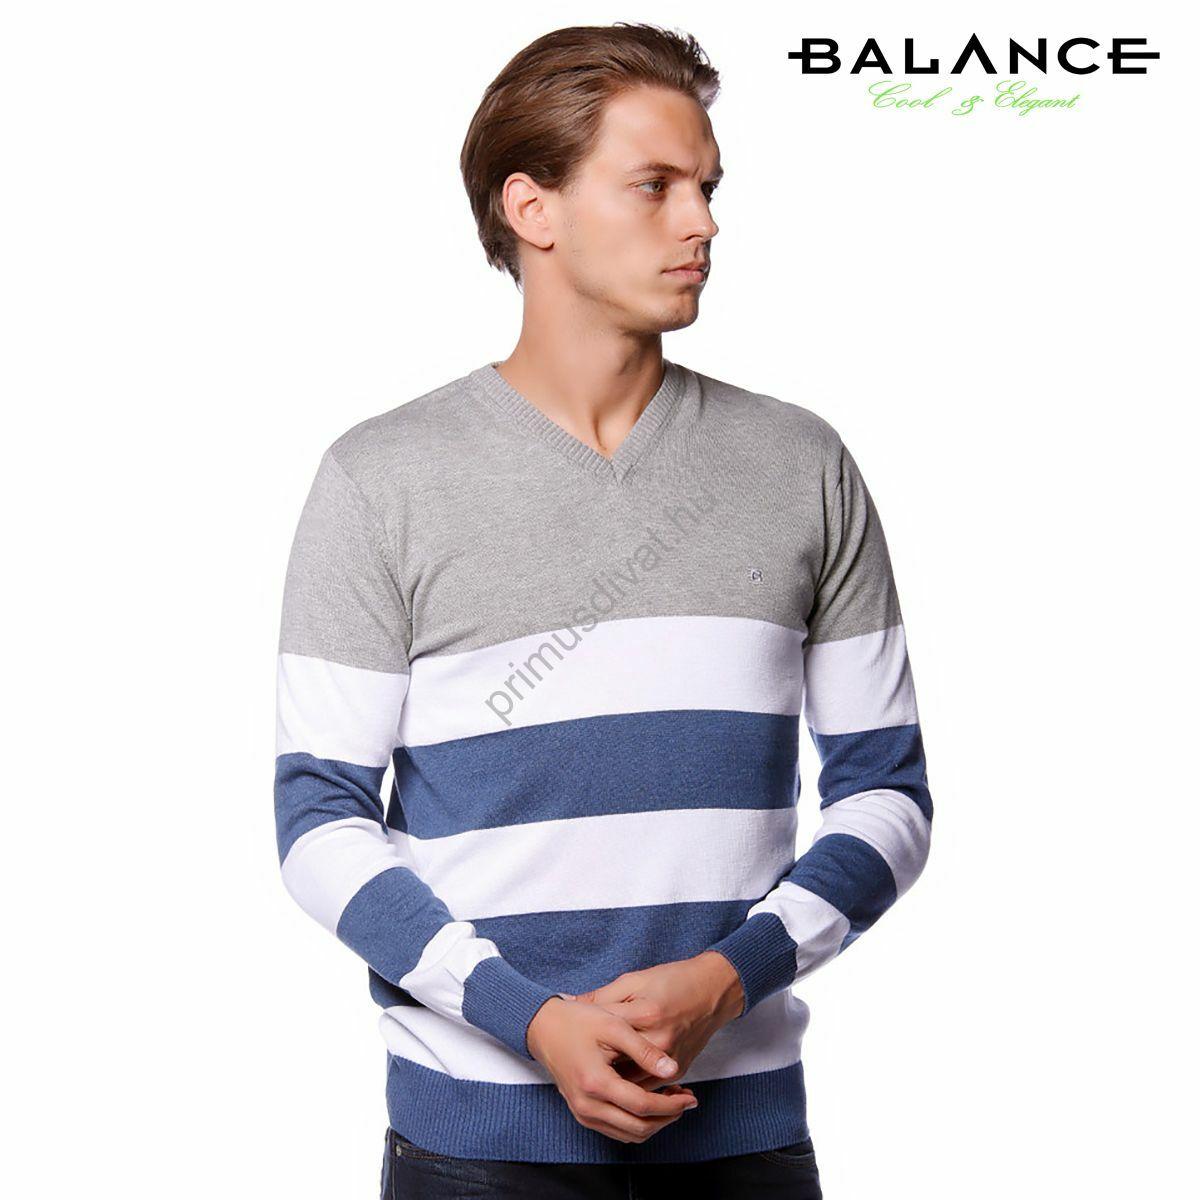 5e097d9377 Kép 1/1 - Balance V-nyakú, szürke-fehér-kék csíkos vékony kötött pamut  pulóver